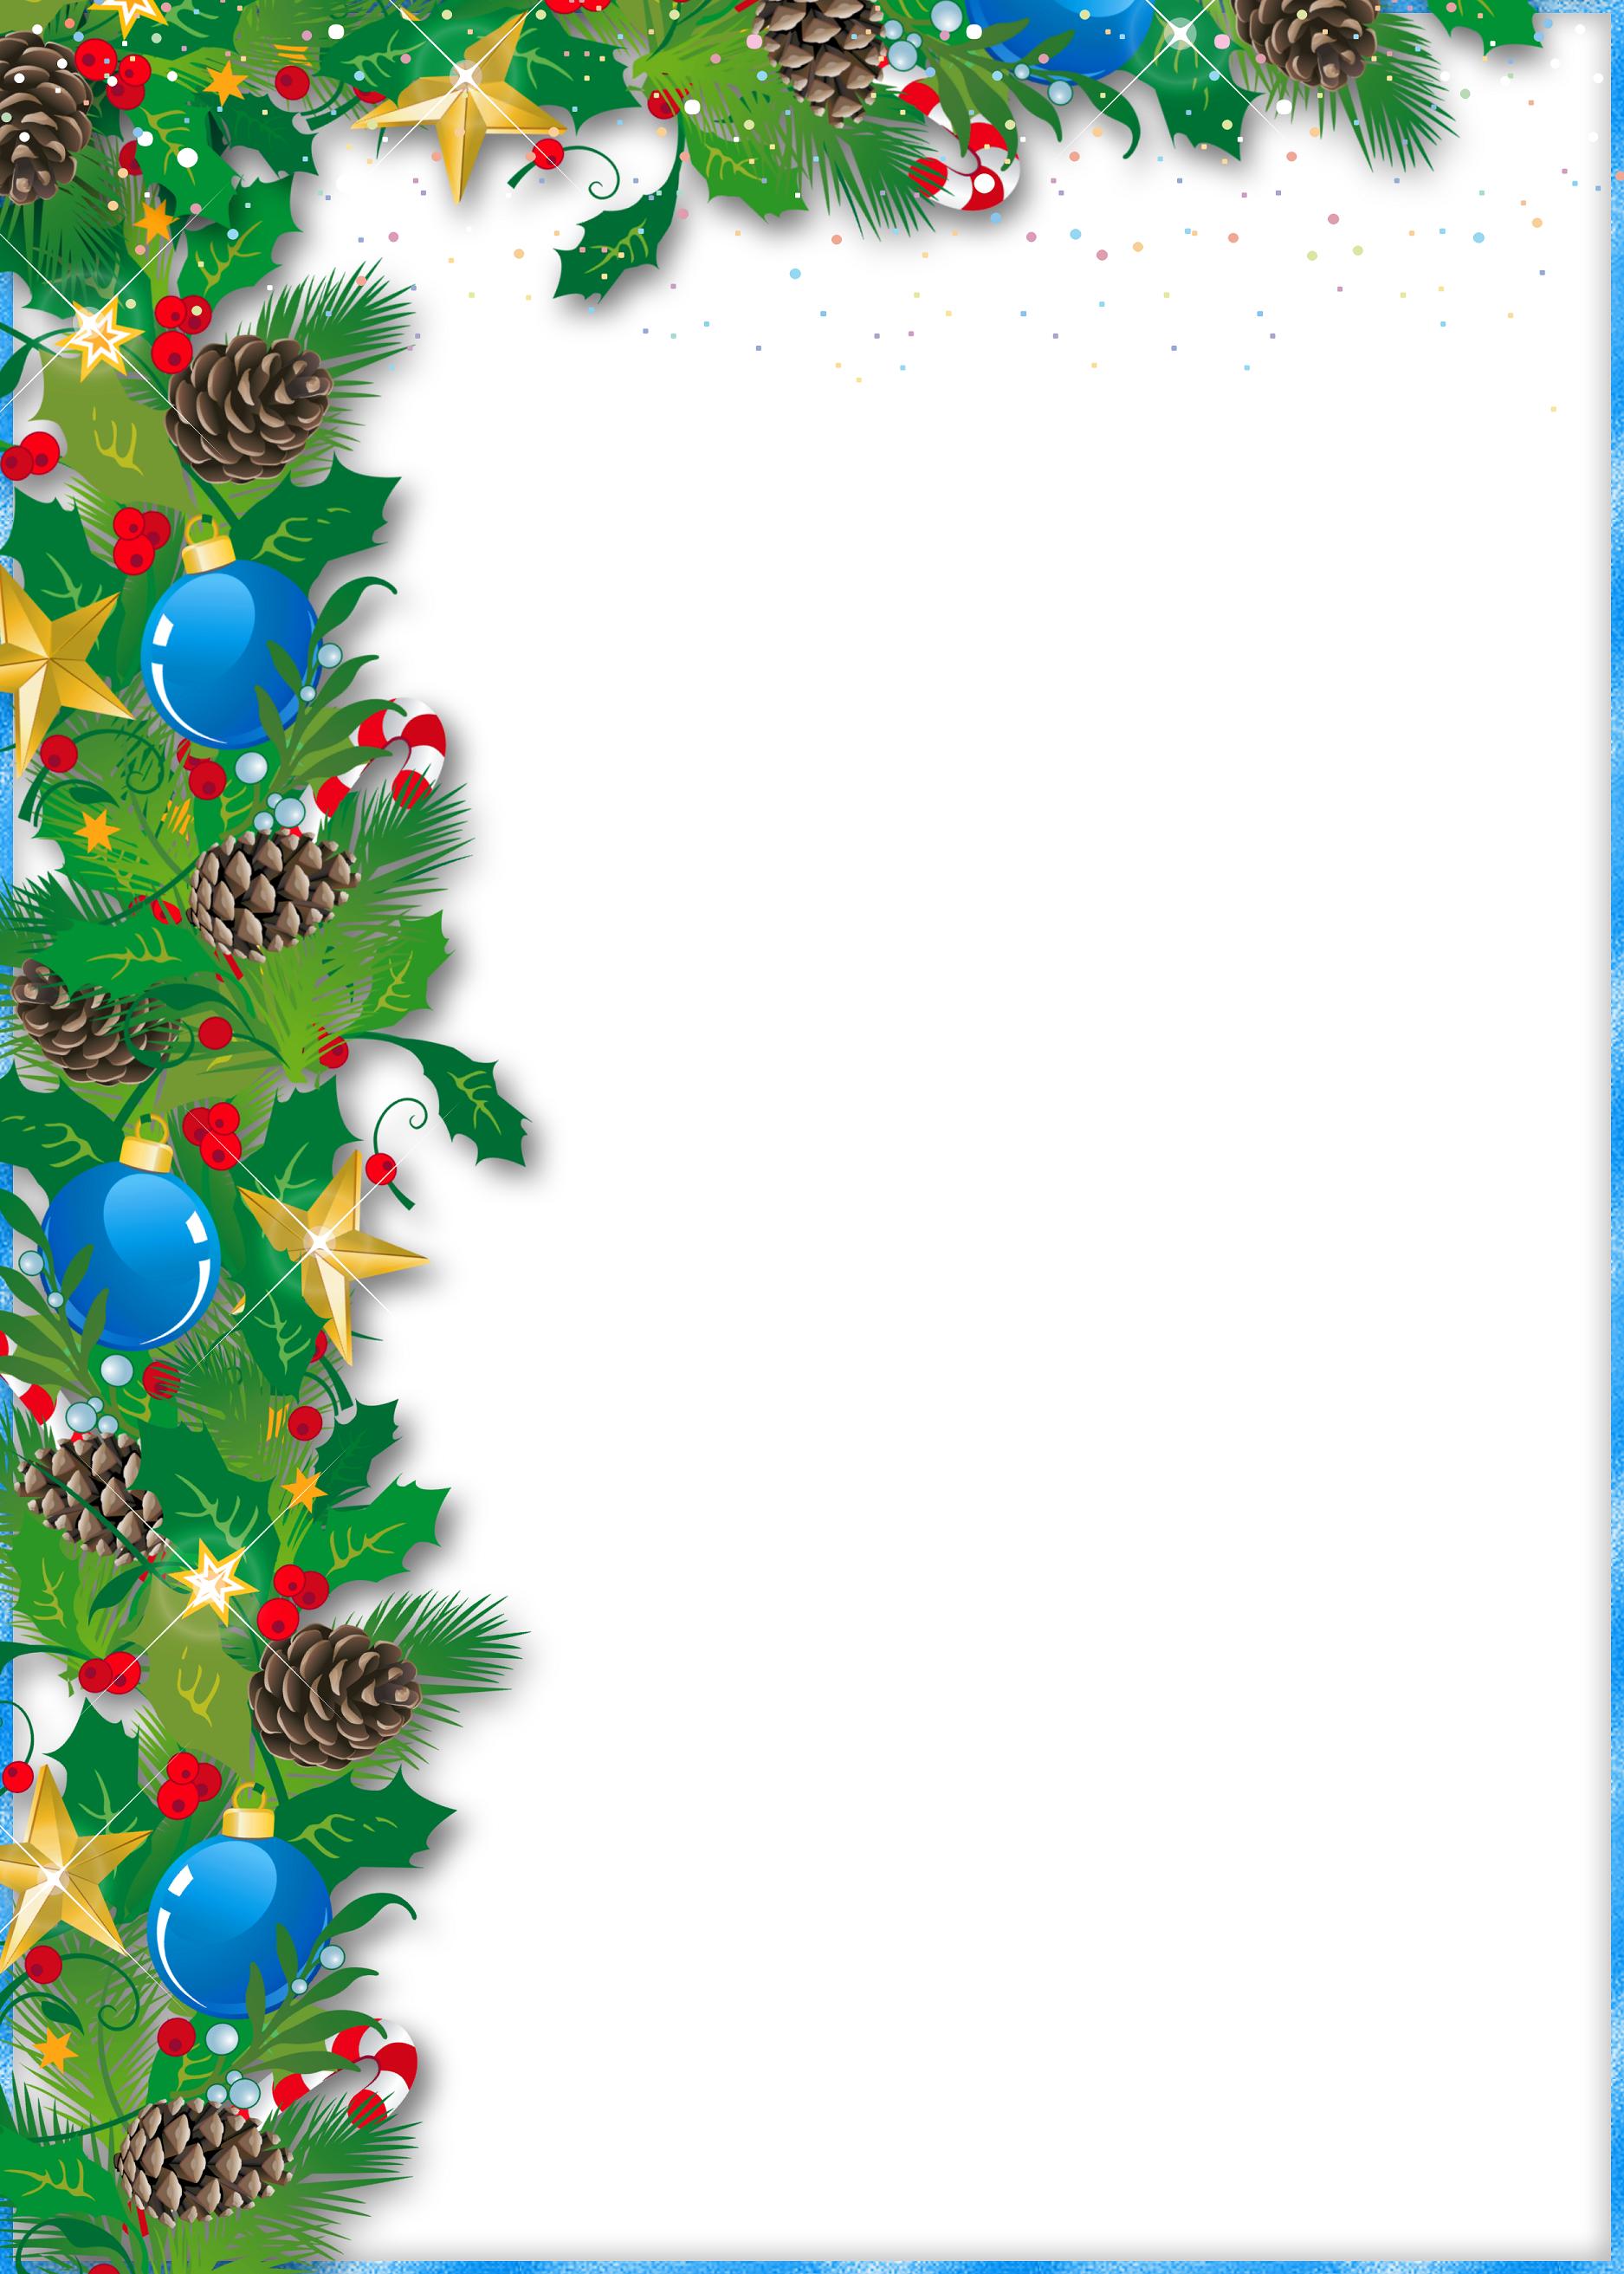 Christmas frame with ornaments and pine | Mikołajki. Boże Narodzenie ...